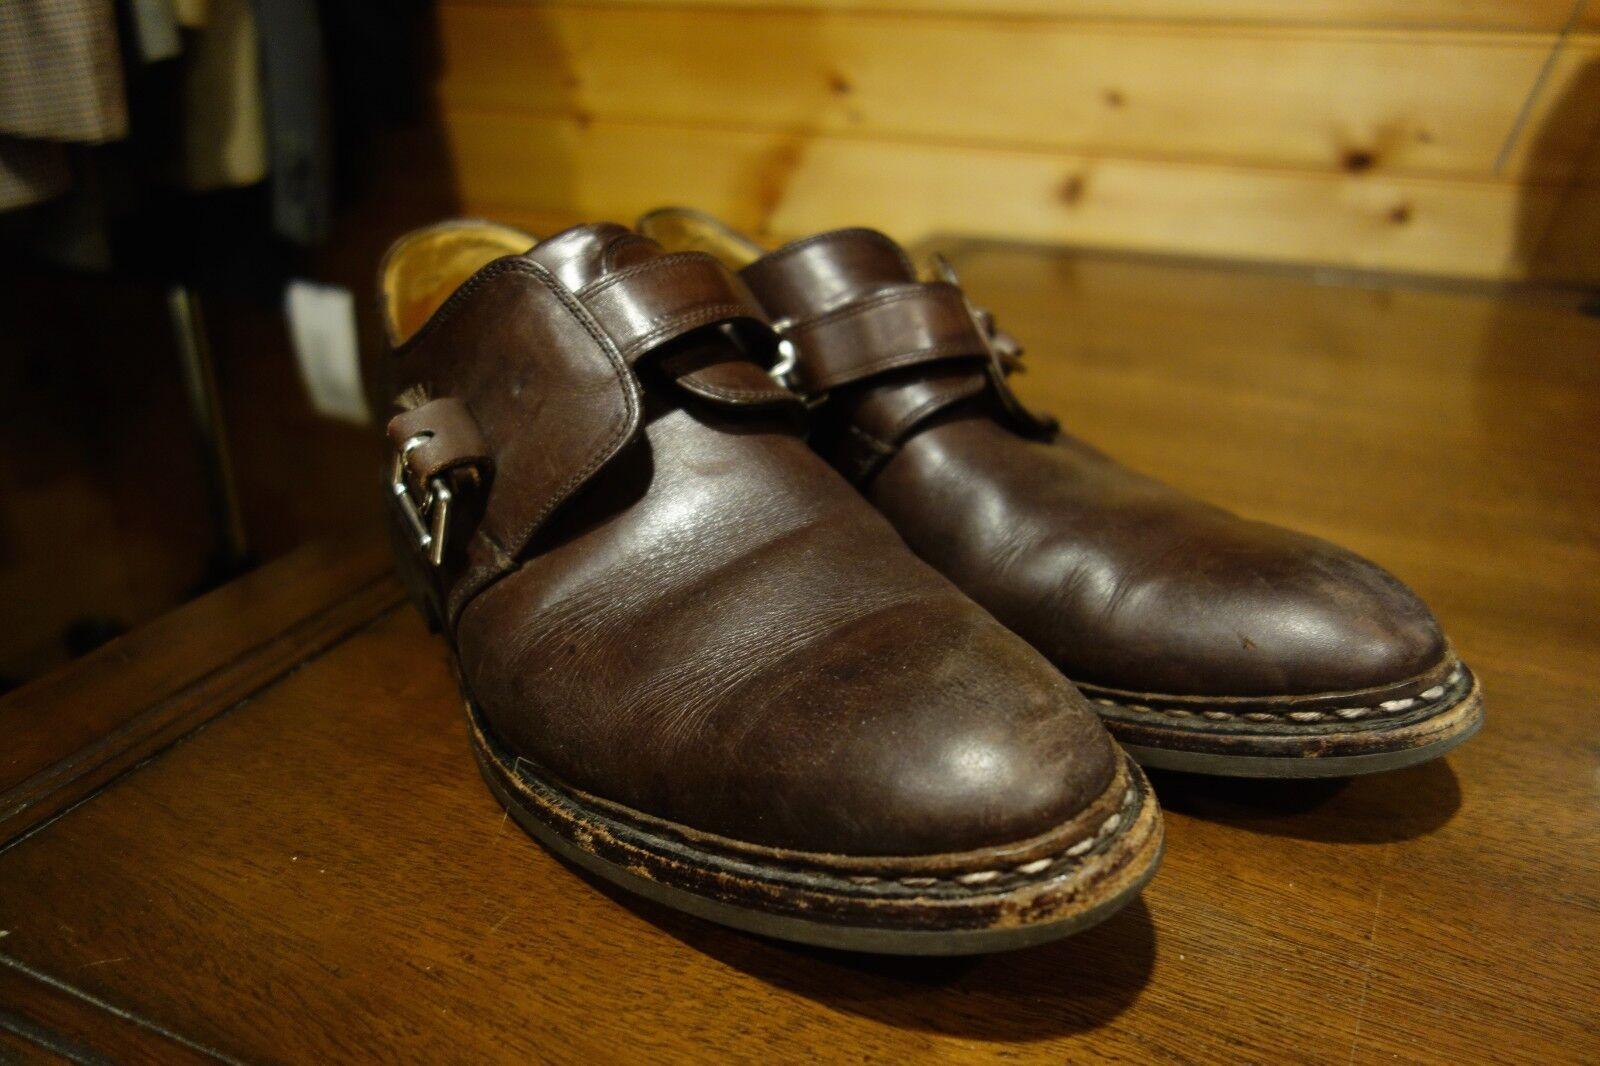 Heschung Hecho En Francia monje Cuero Marrón Correa SLIP ON DRESS zapatos talla 7